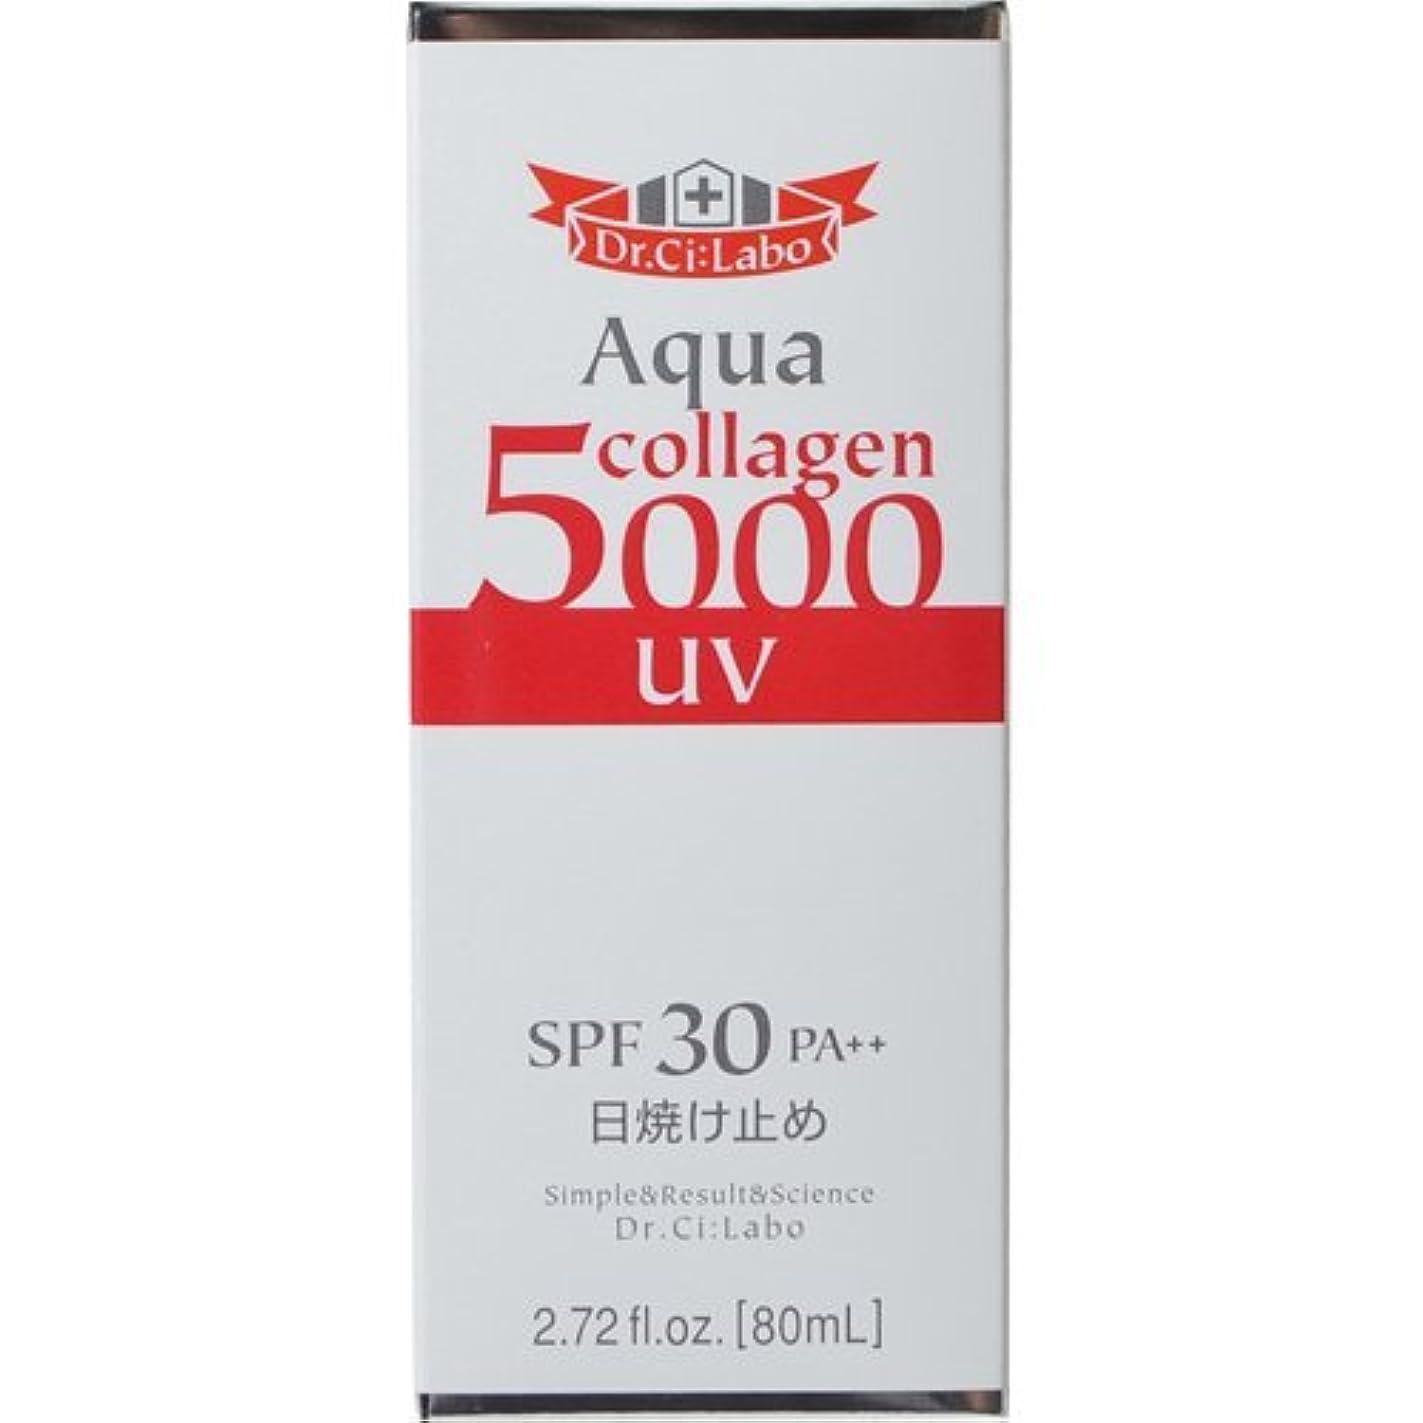 取り扱いきらめきさておきドクターシーラボ アクアコラーゲンUVゲルクリーム5000 SPF30 PA++ 80ml